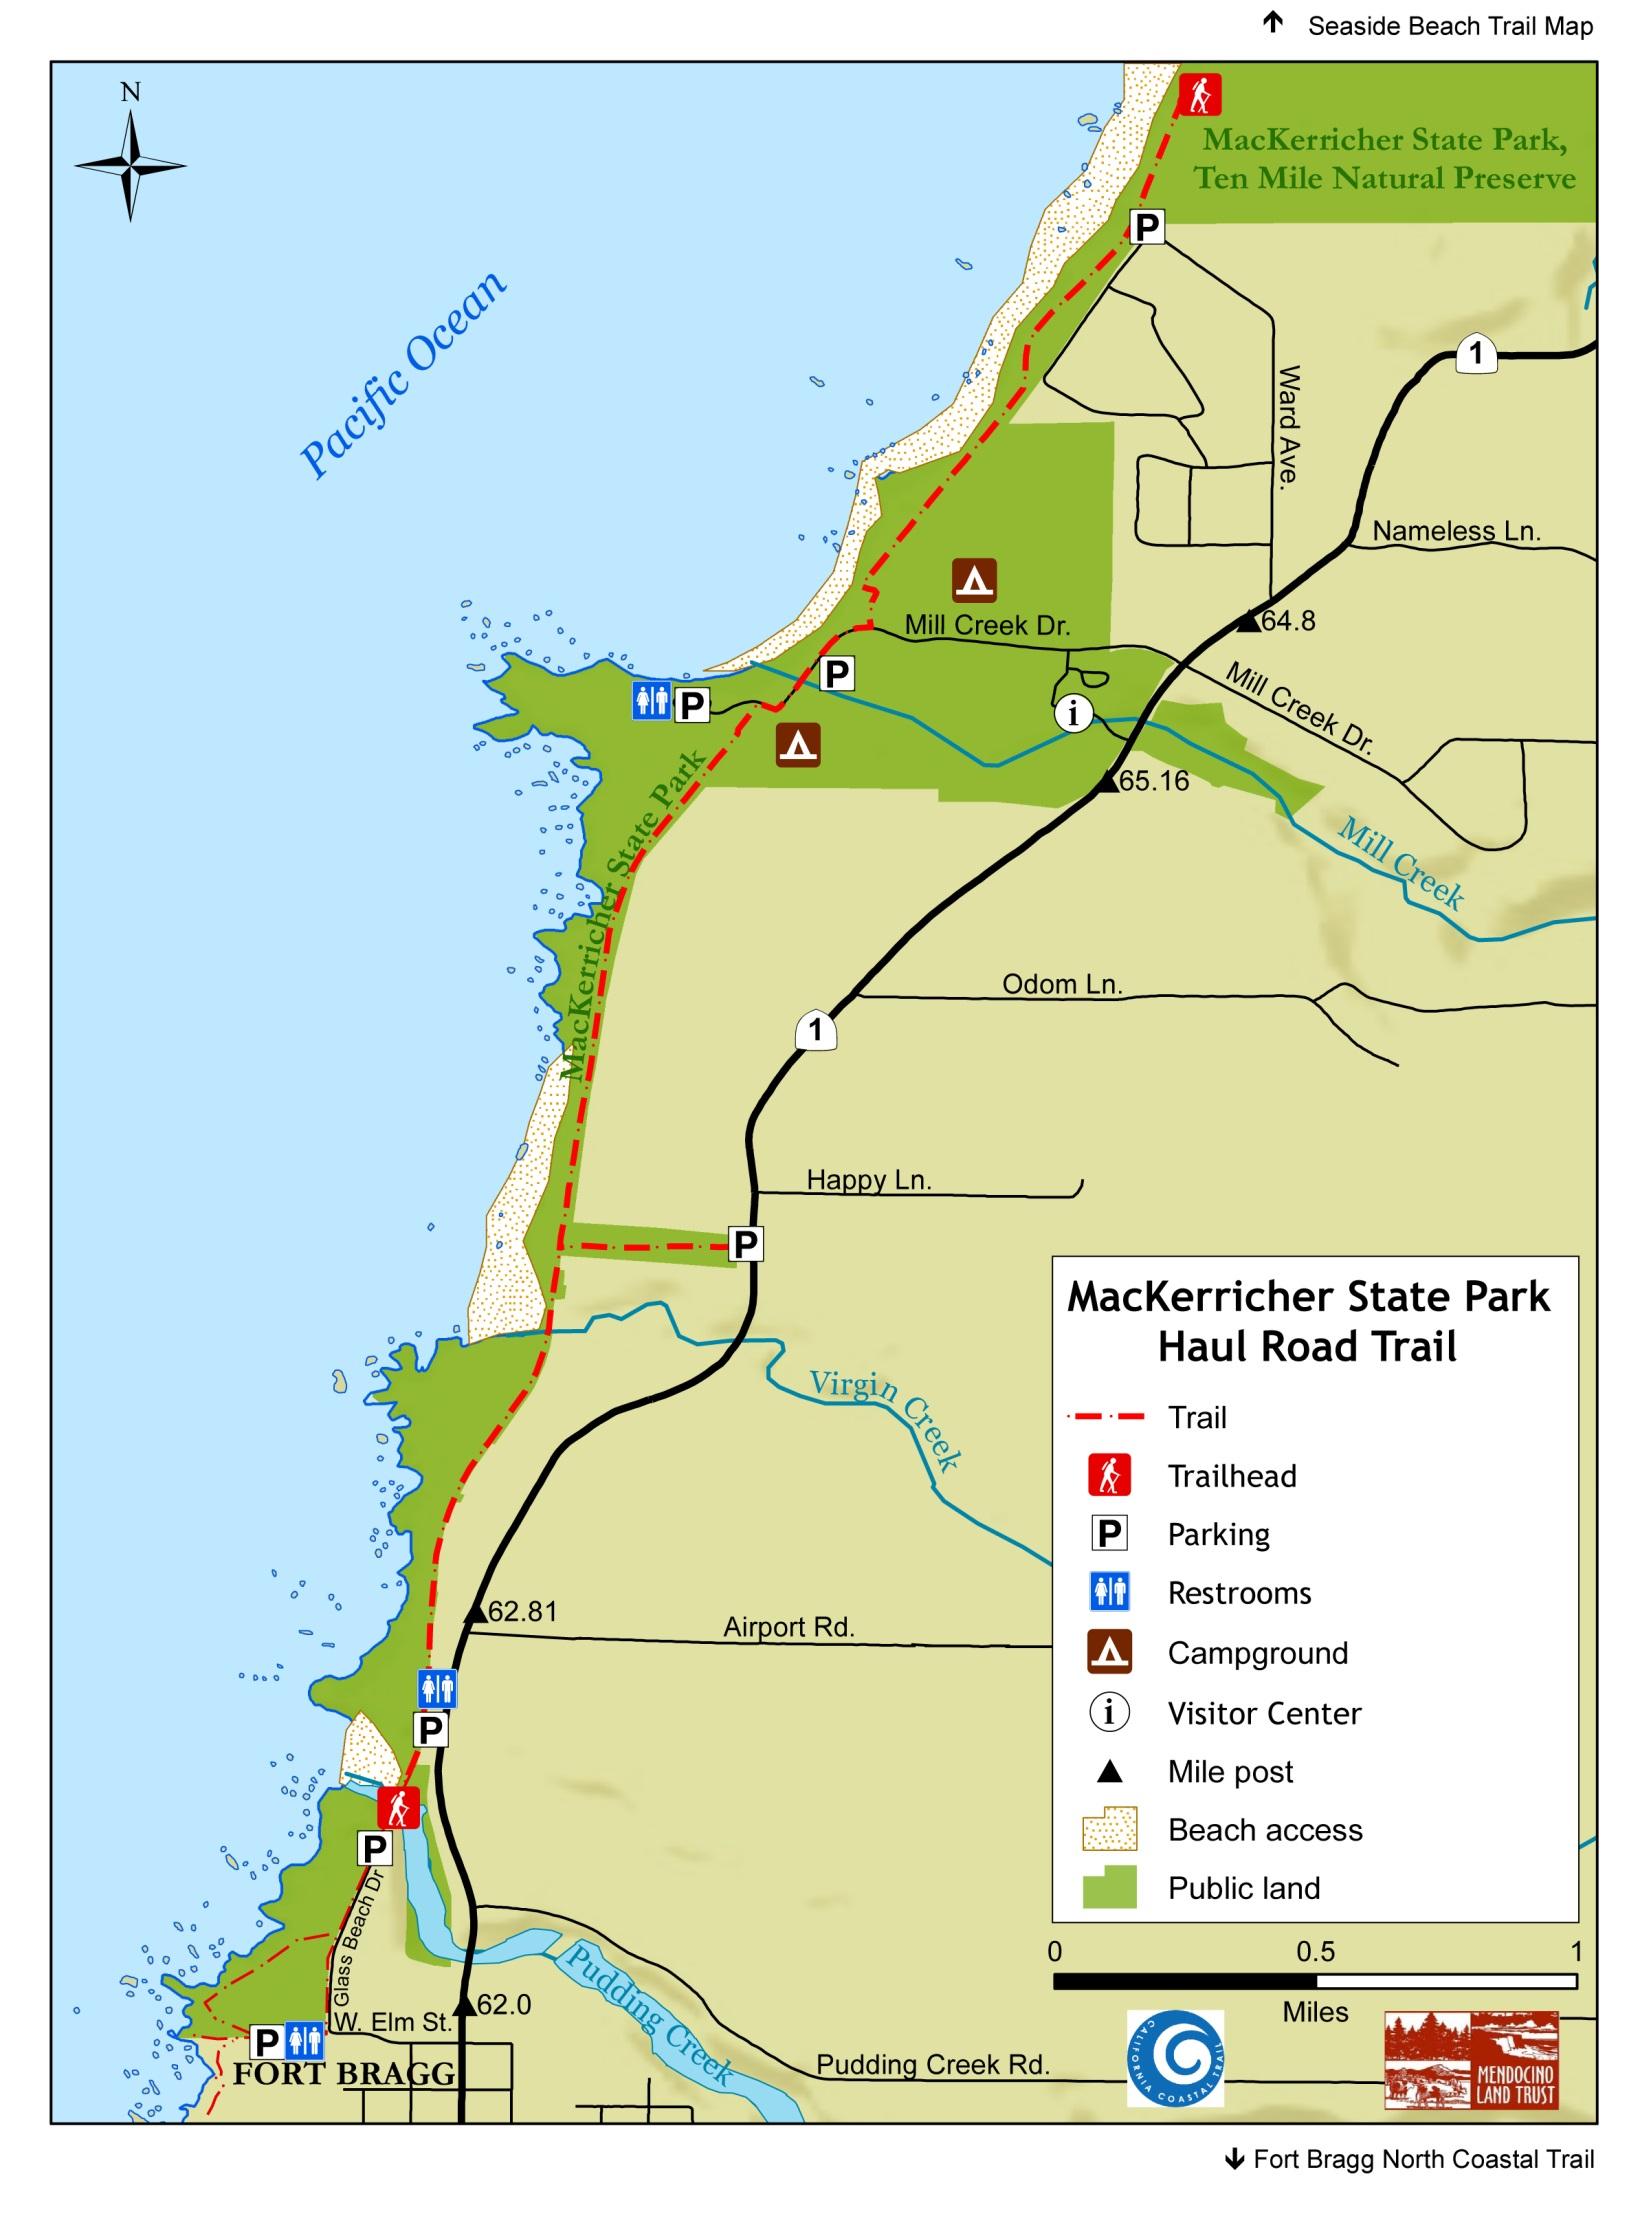 Mackerri California Map With Cities Glass Beach Fort Bragg - Seaside California Map